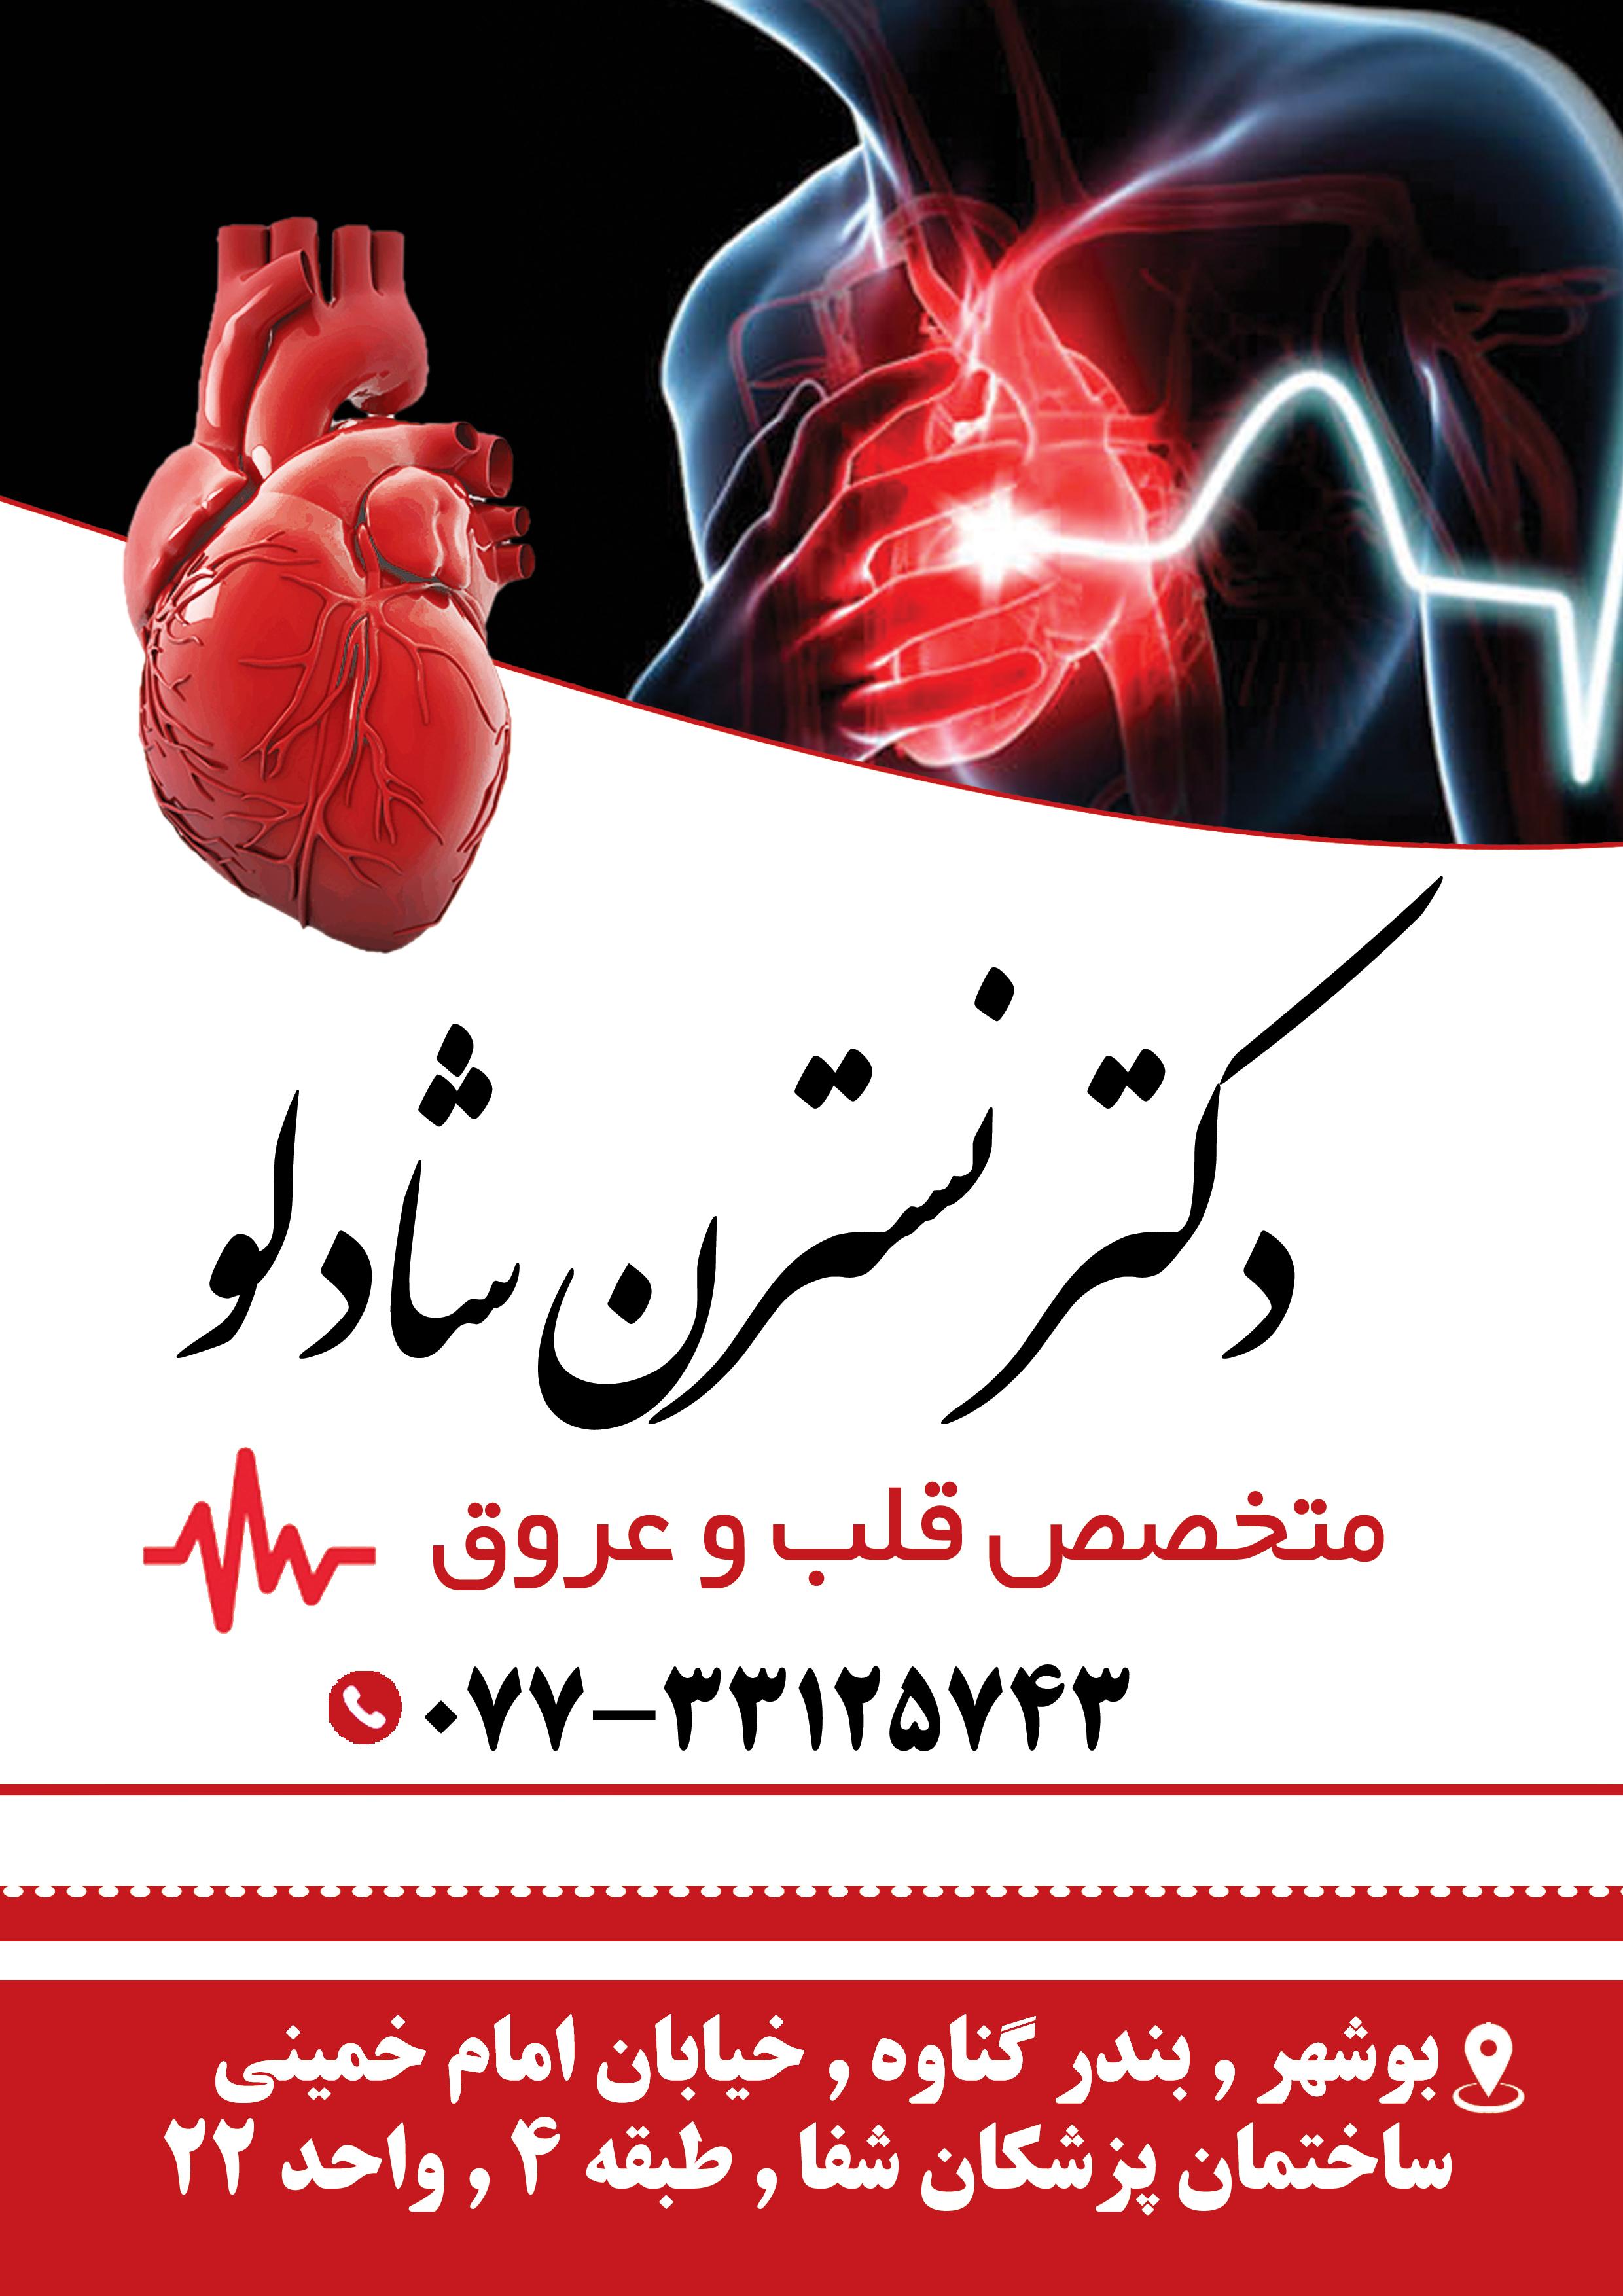 دکتر نسترن شادلو در بوشهر